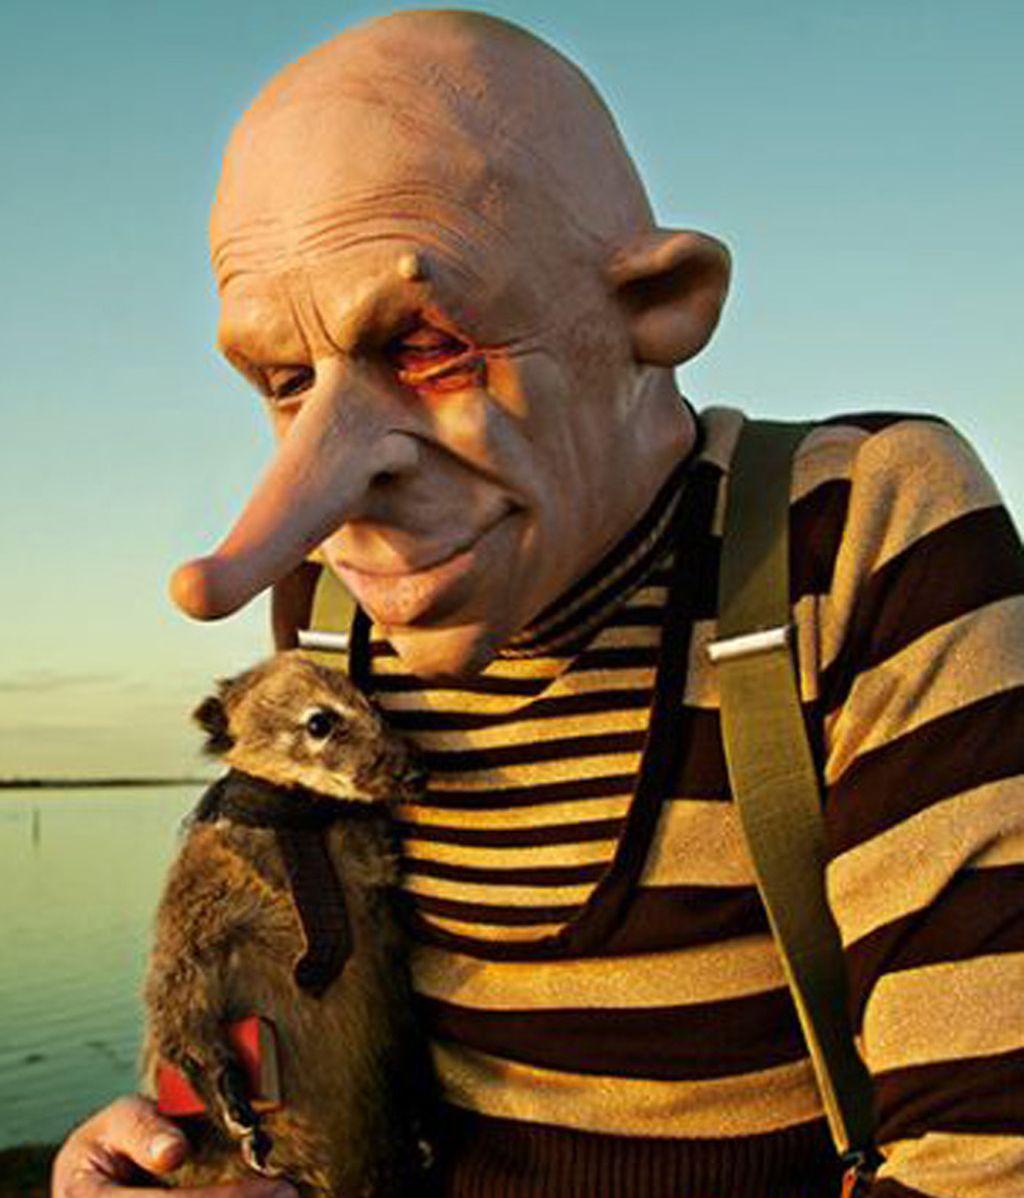 Polémicas fotografías escalofriantes con animales disecados